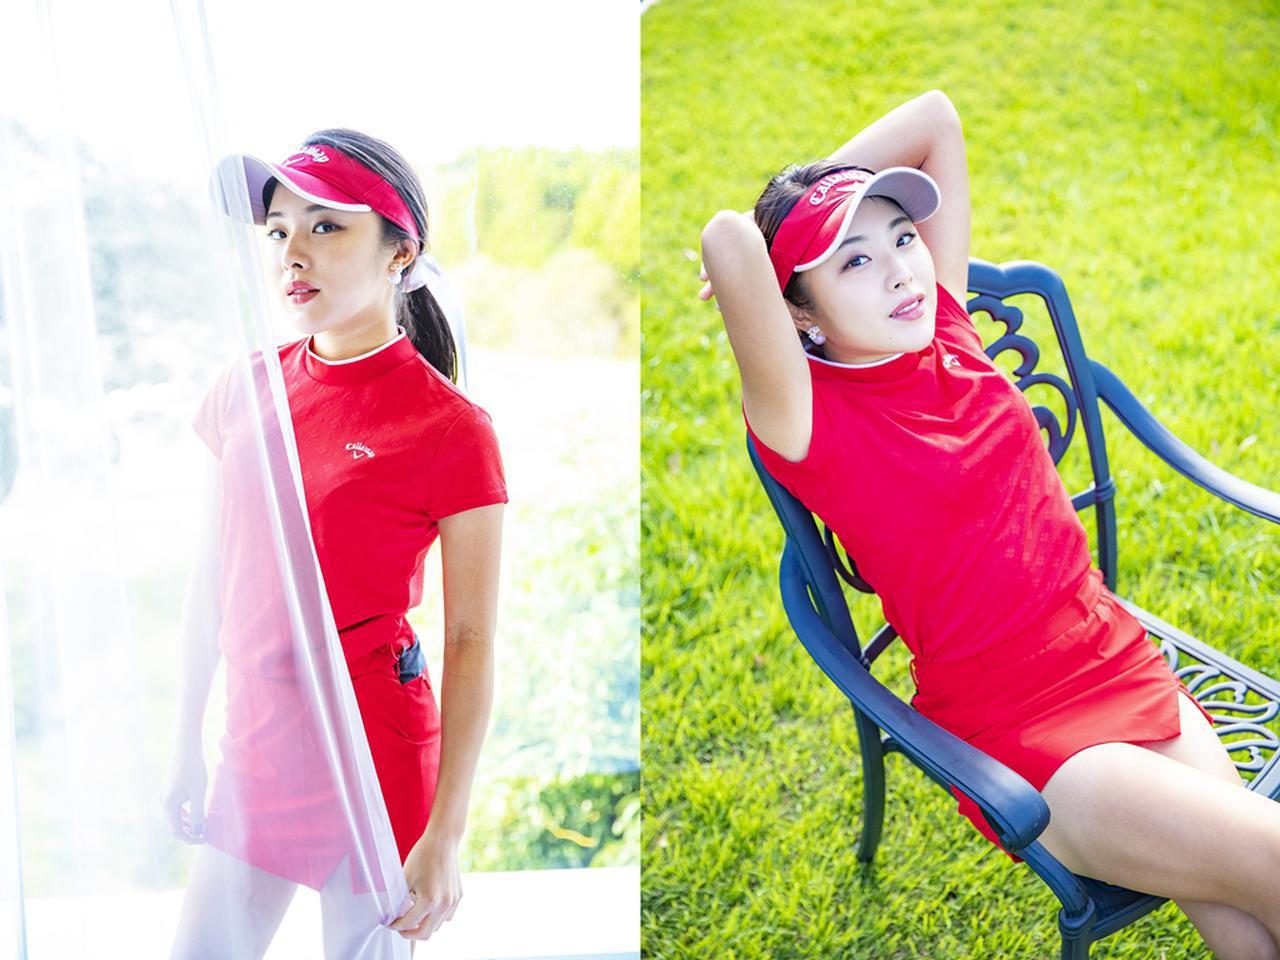 画像: 4歳からゴルフを始めたという野田すみれ。現在日本女子大学に在学中で、ゴルフでも活躍を見せている